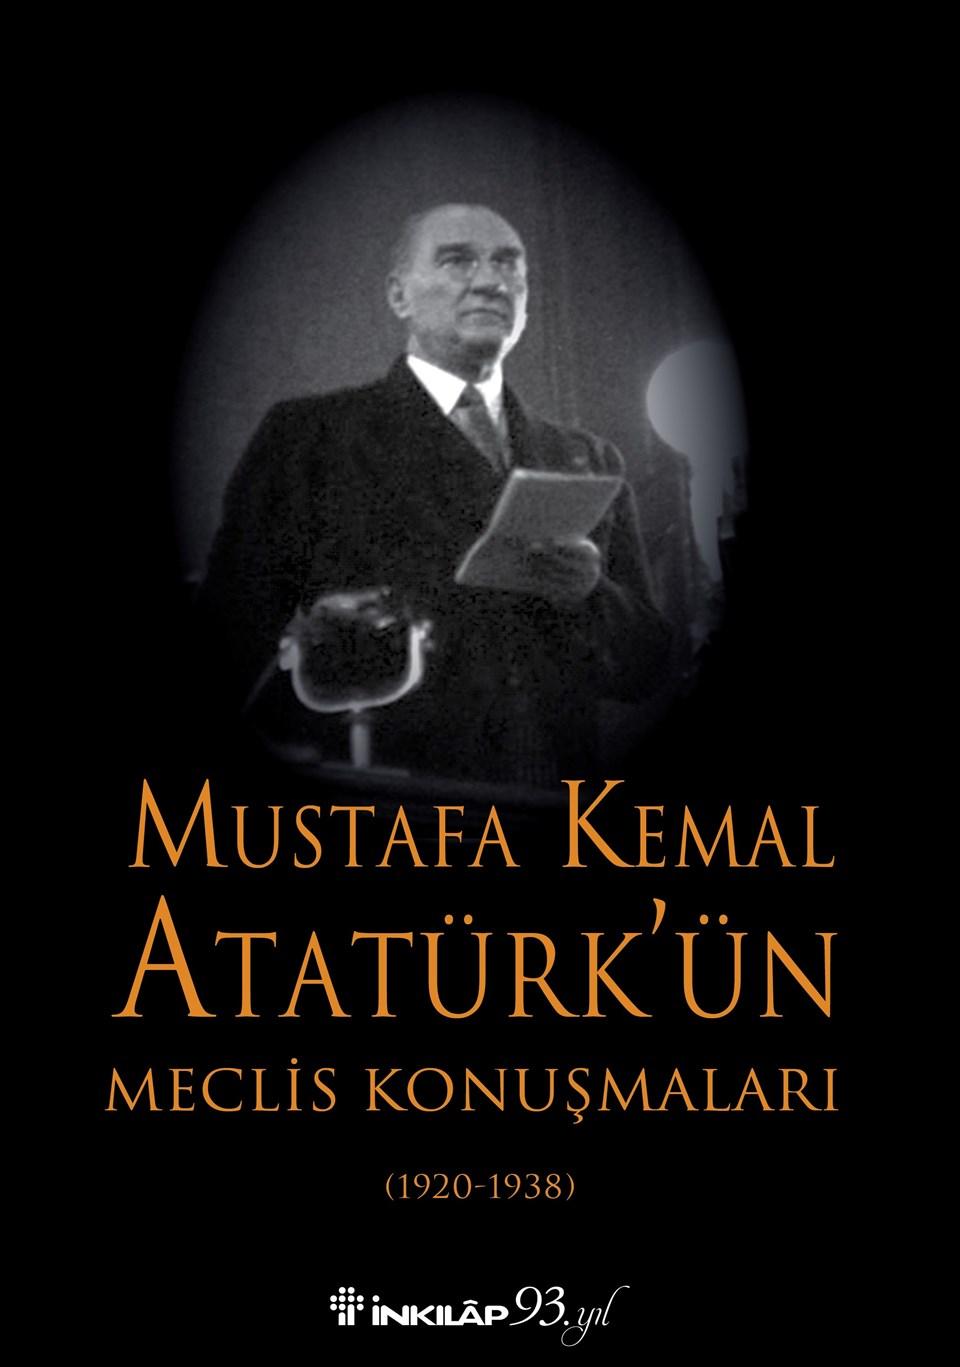 Atatürk'ün 23 Nisan konuşması